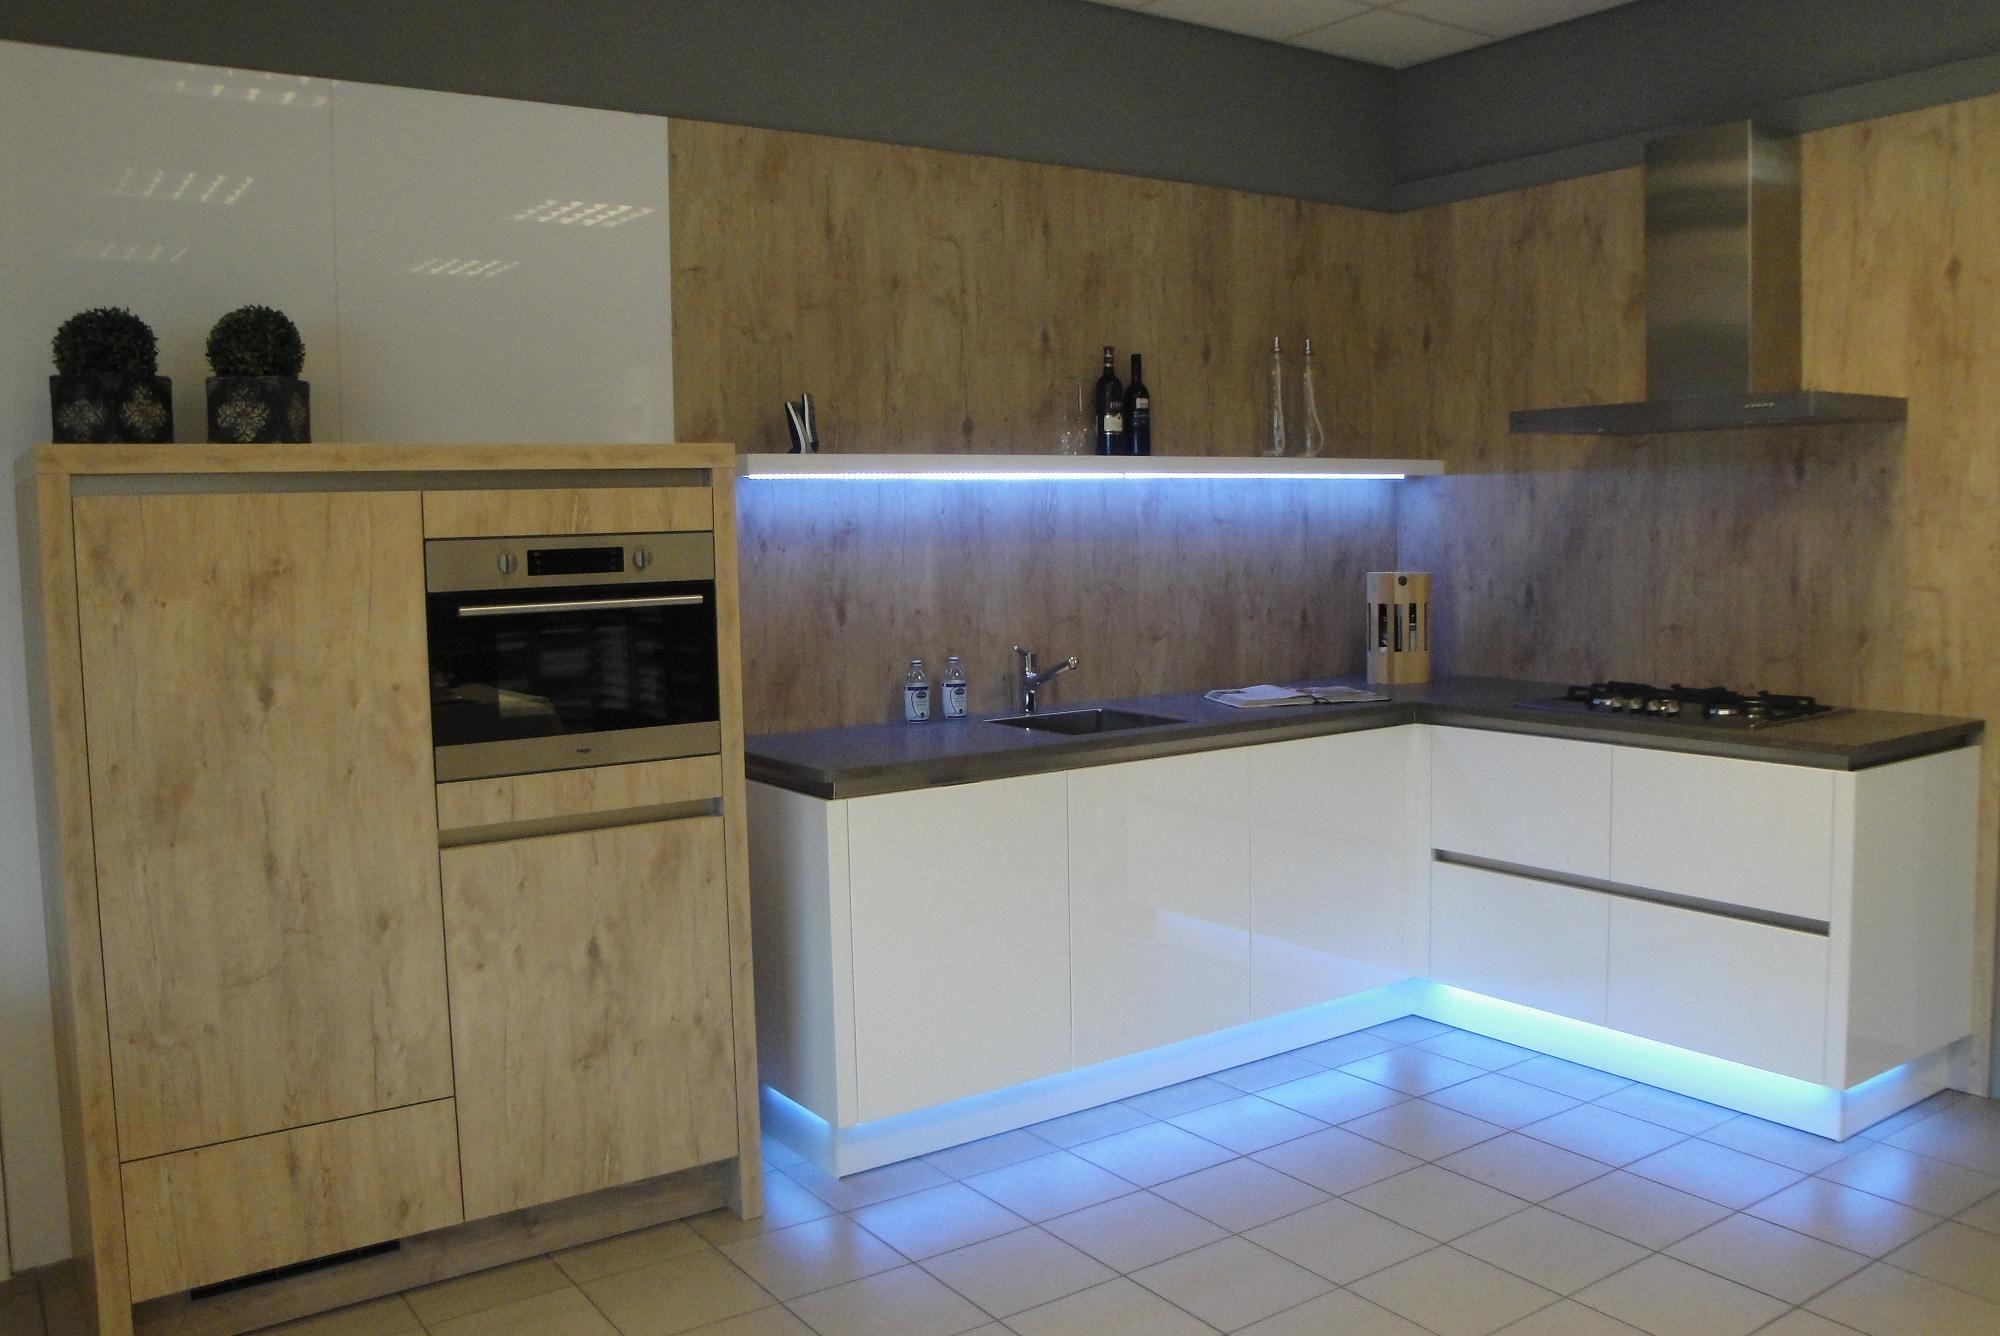 Led Spots Keuken : Lampen inbouwspots